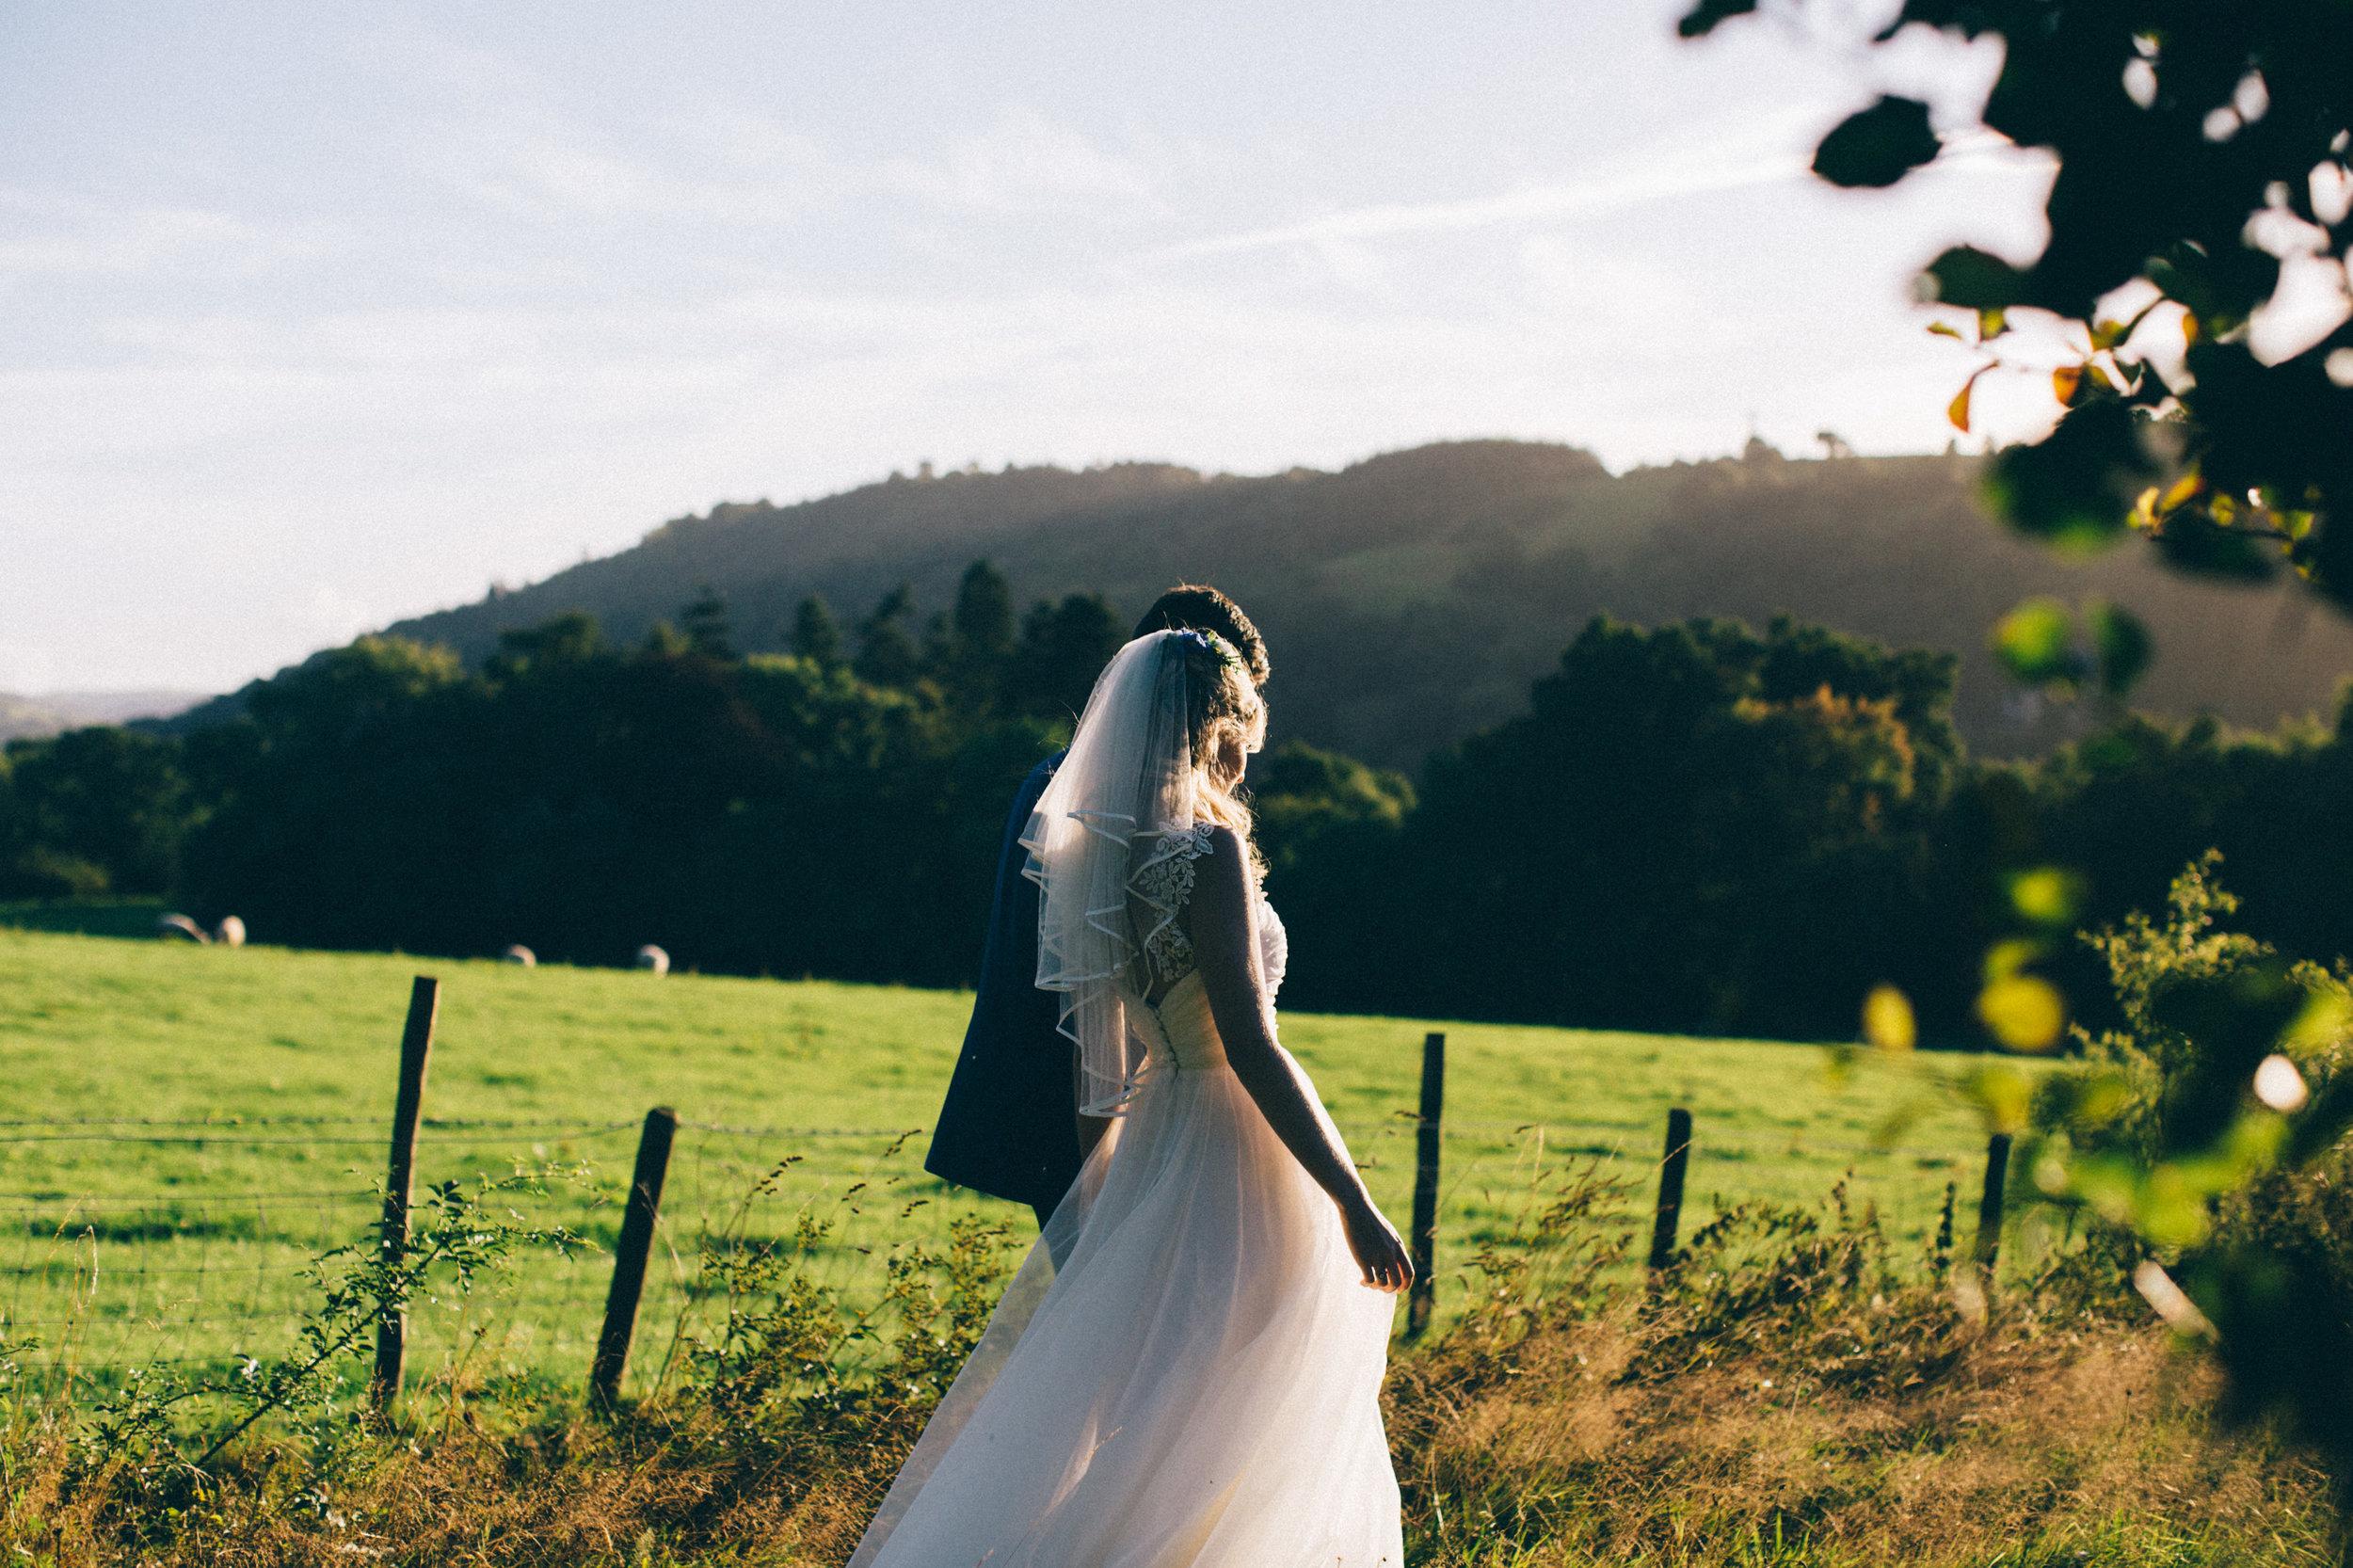 uk wedding photographer artistic wedding photography-107.jpg